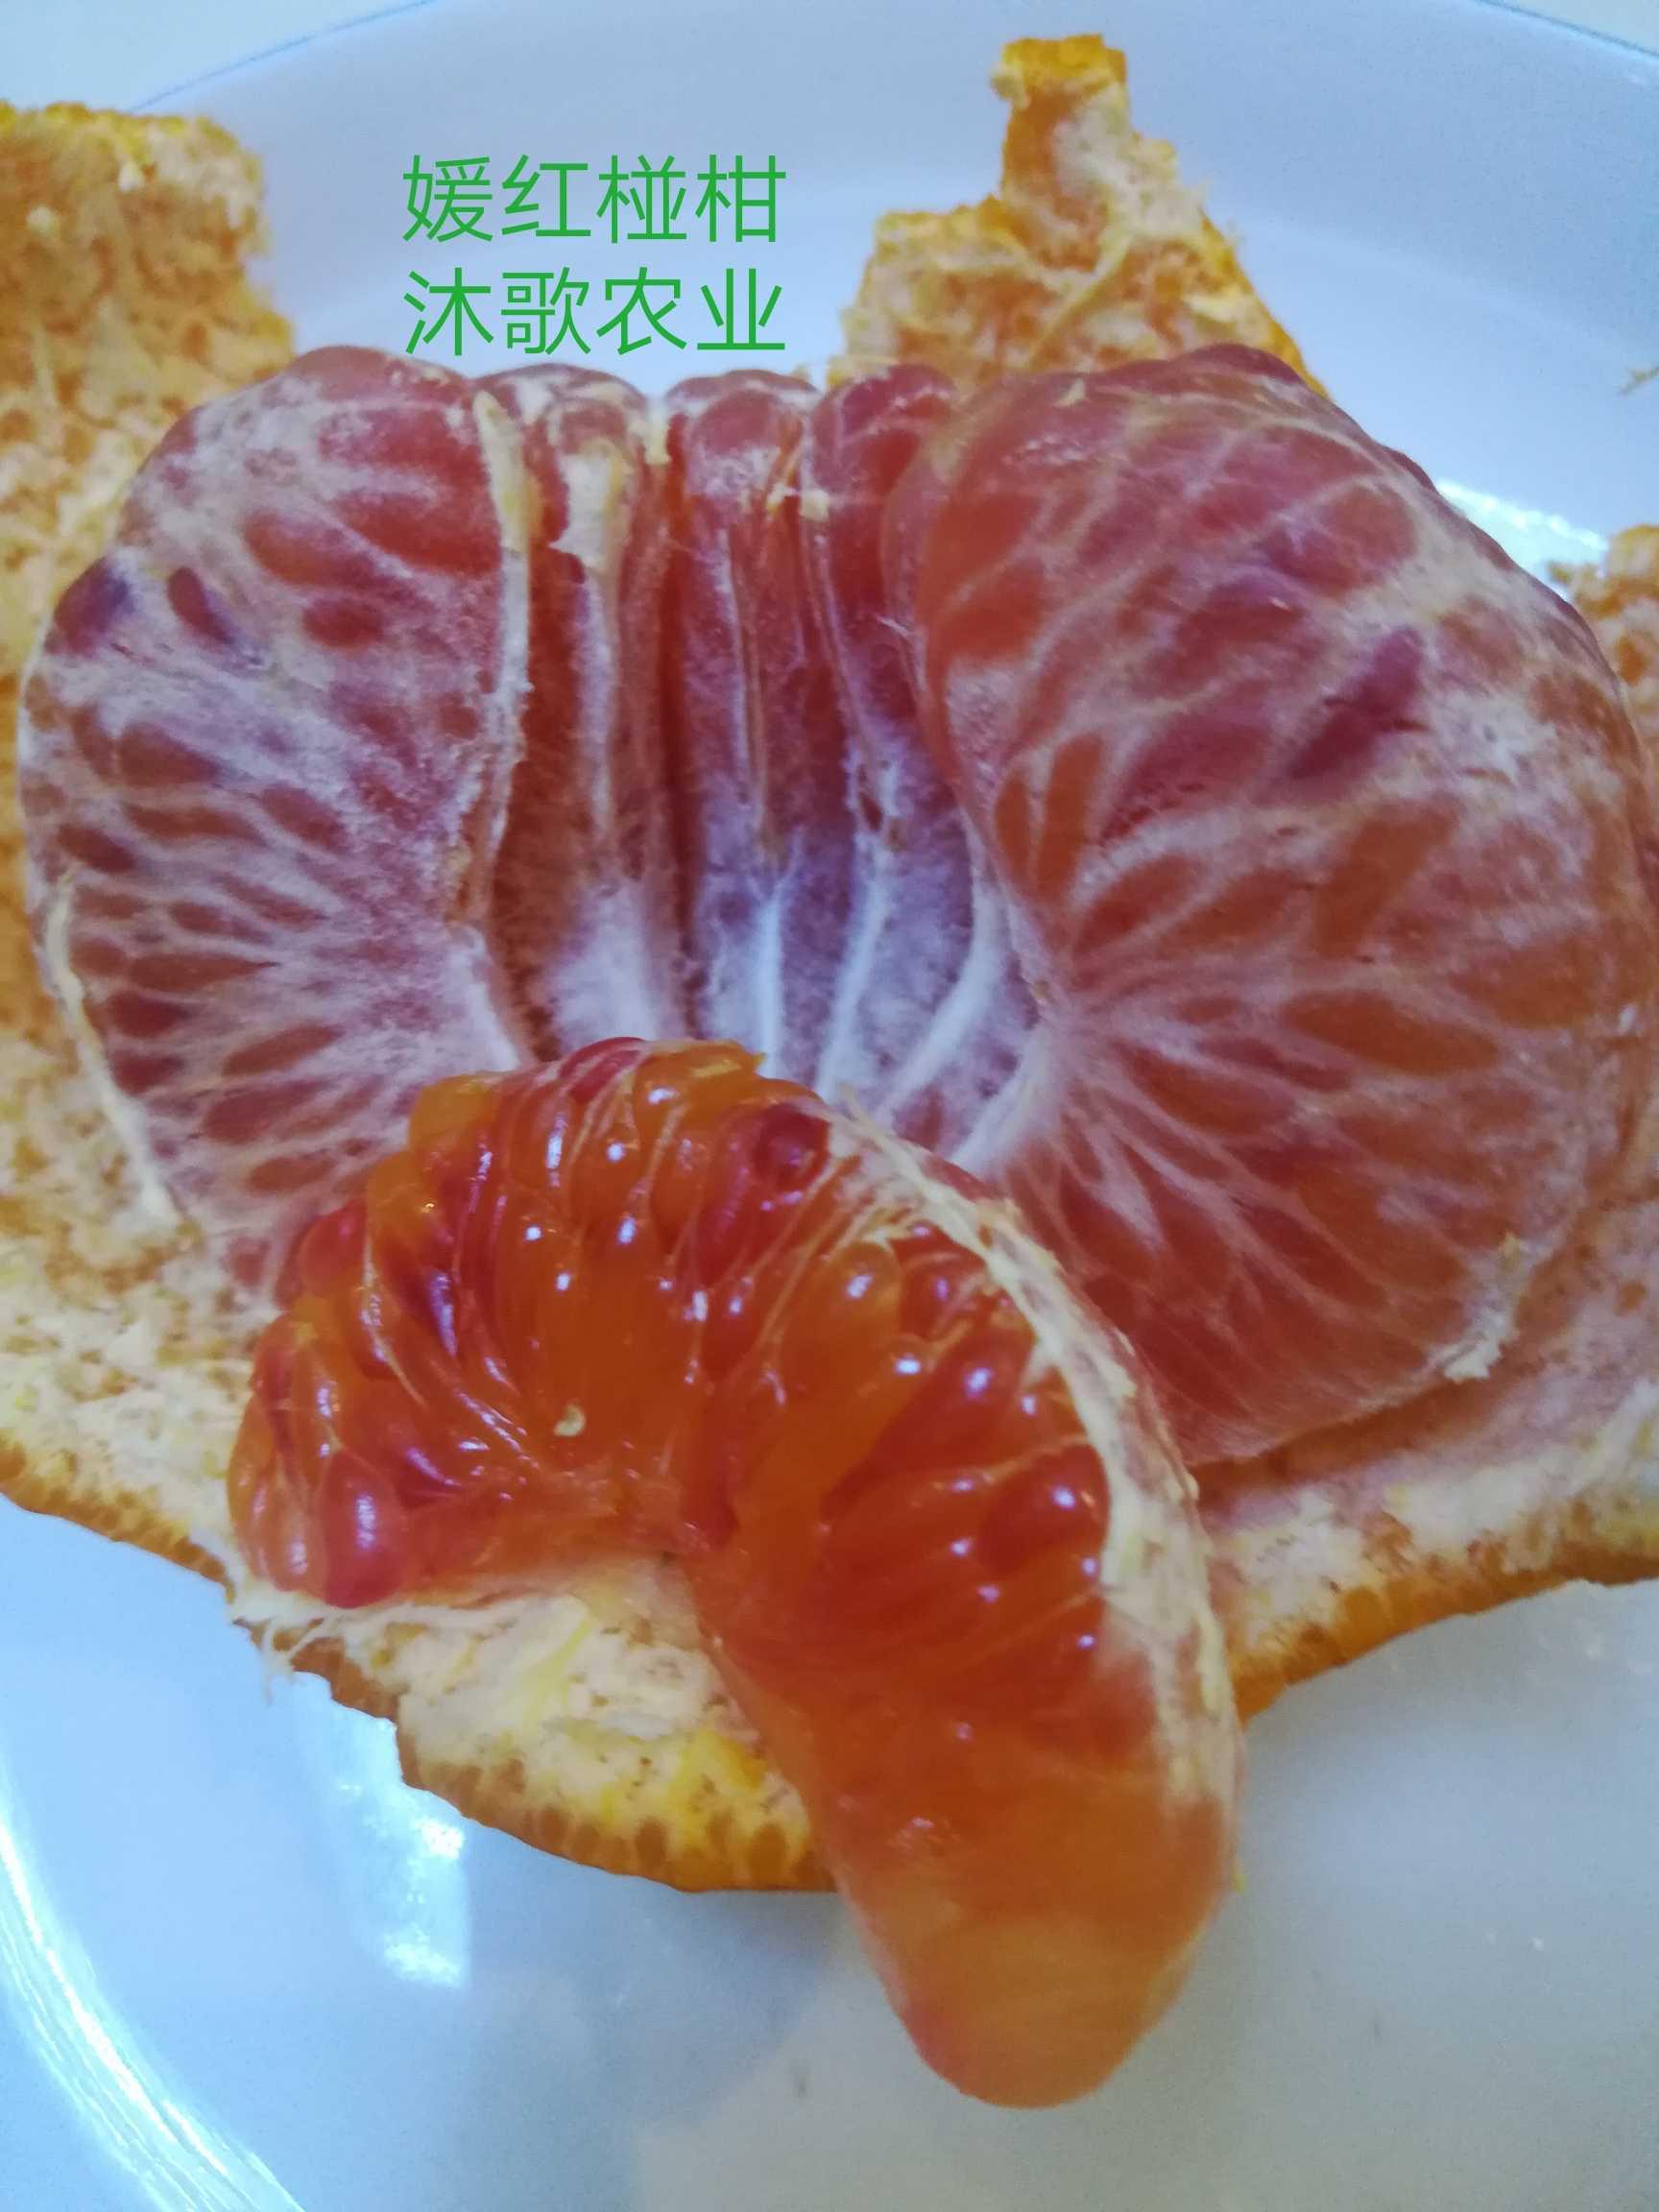 媛红椪柑苗 新品种柑橘苗 眉山黄美人甘平明日见爱砂米哈亚枝条